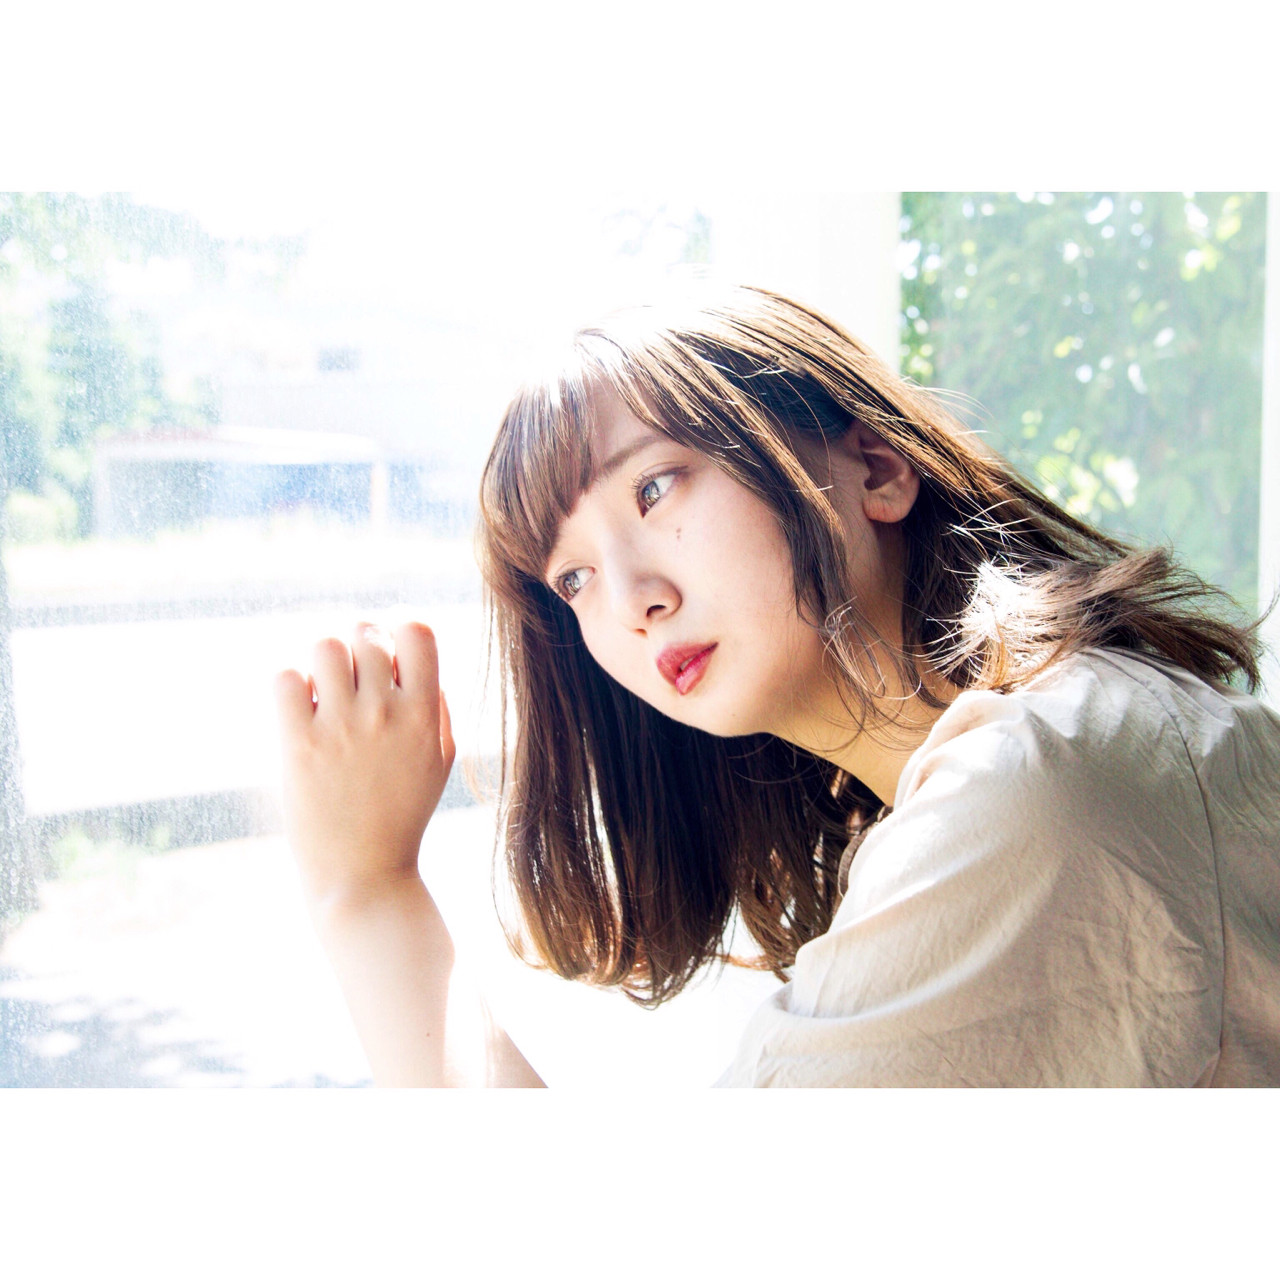 ヘアアレンジ 大人かわいい 夏 外国人風カラー ヘアスタイルや髪型の写真・画像 | ニシモリ ショウヘイ / 583koyomi